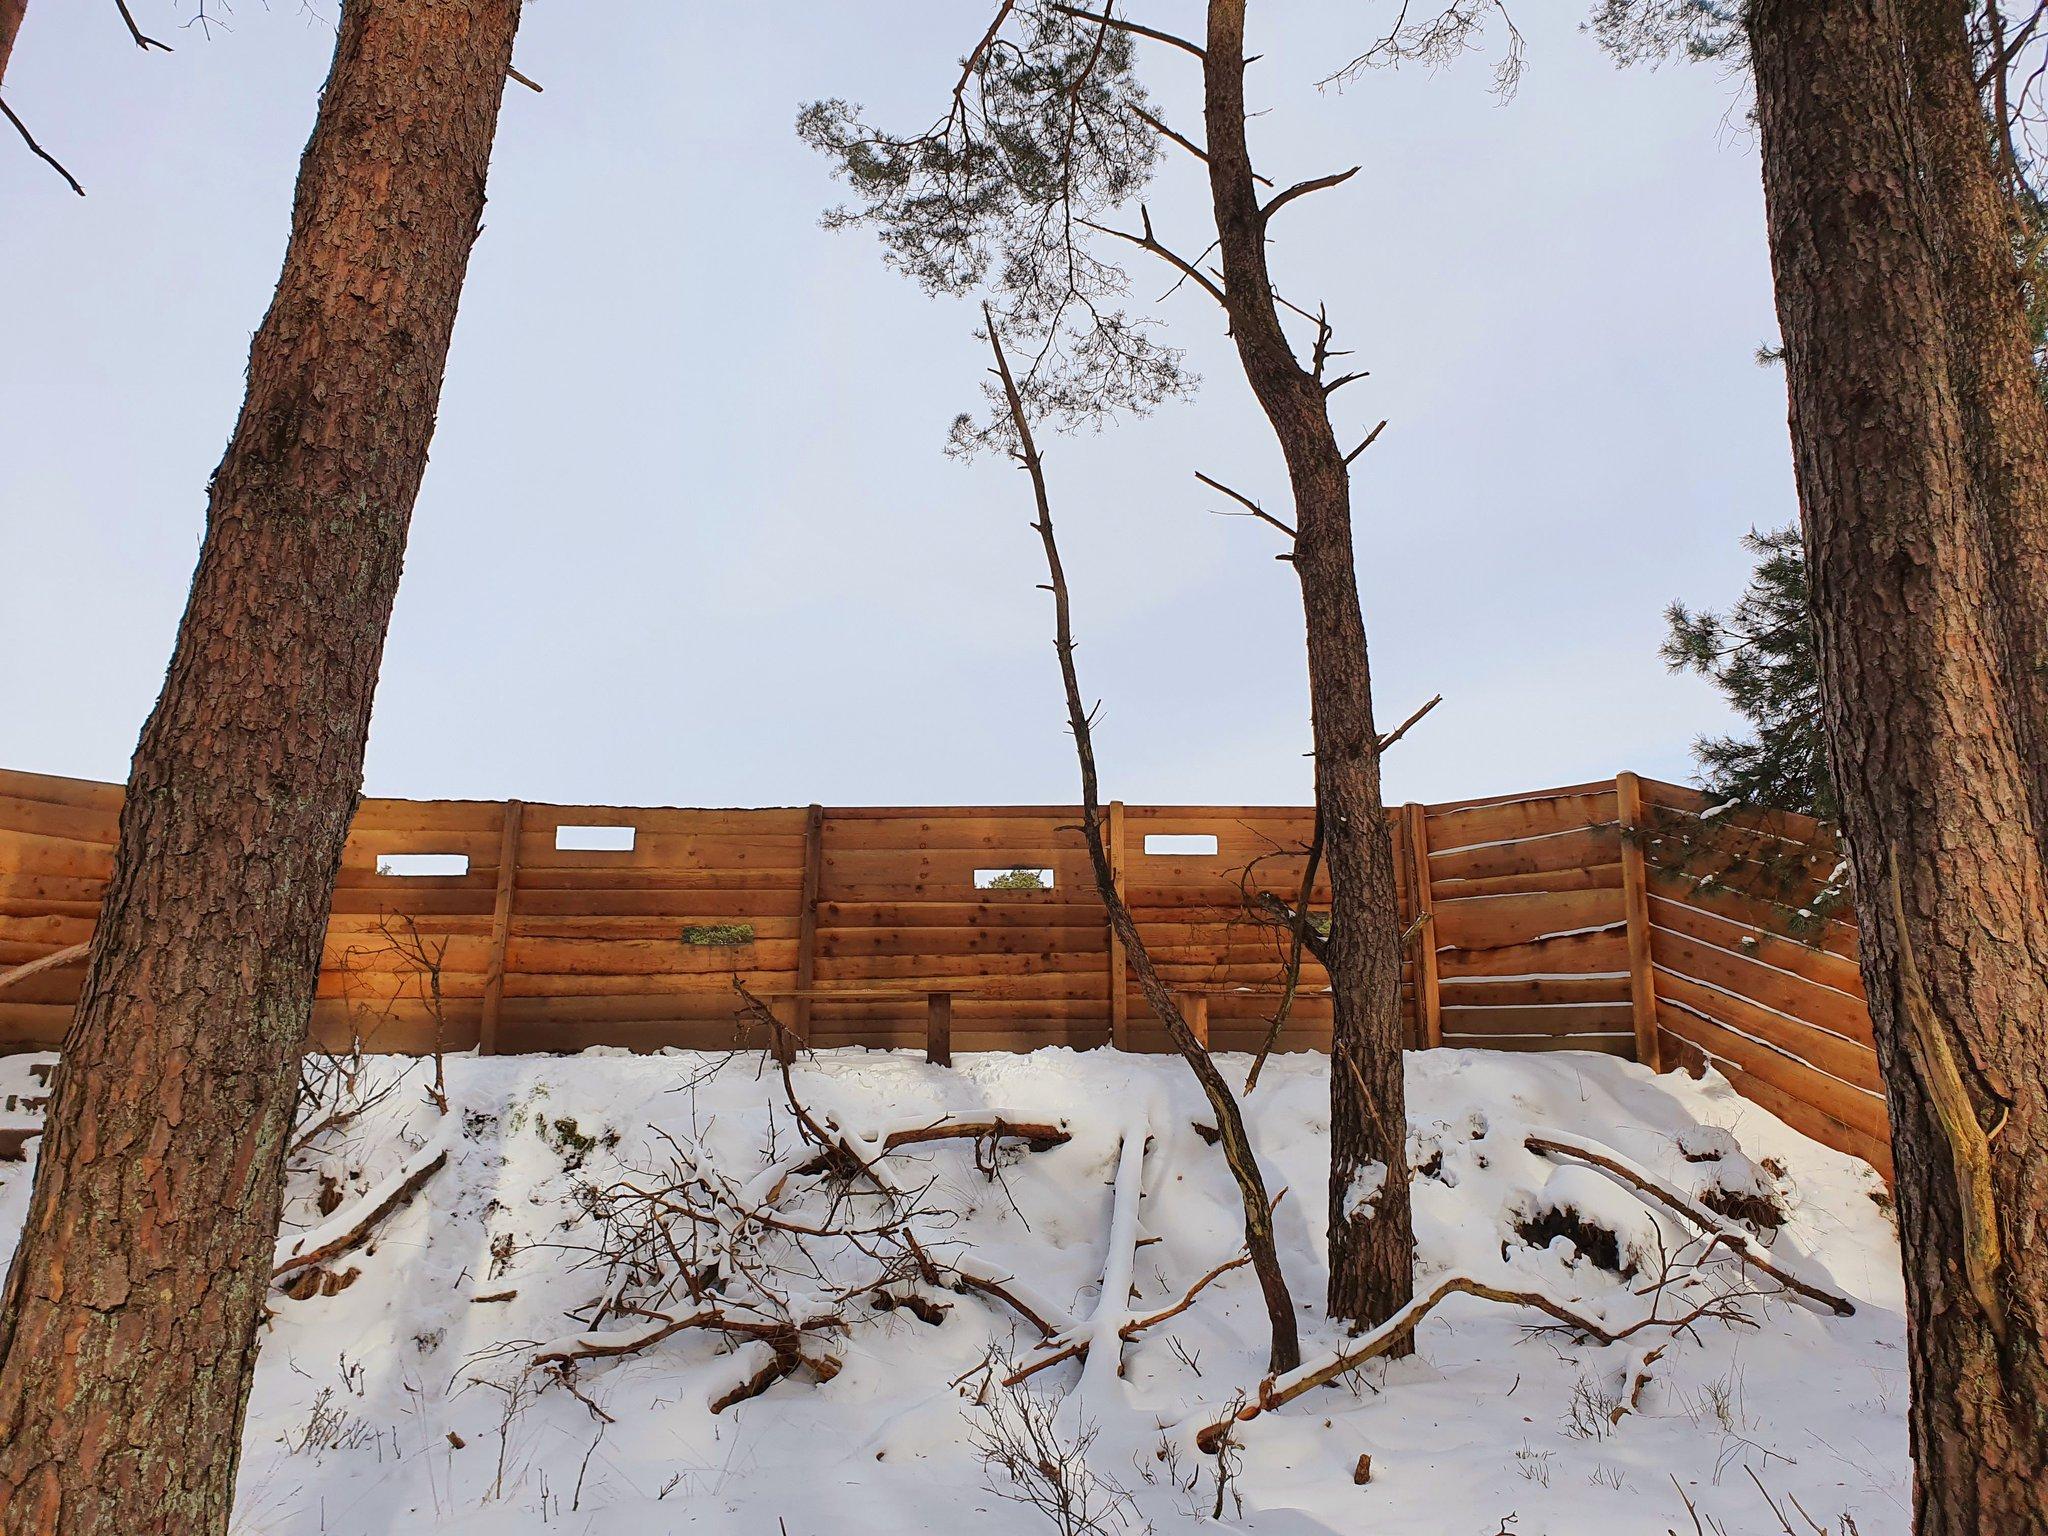 rt-wolfswandelplan-wildkijkscherm-planken-wambuis-wandelbankjes-https-t-co-mmeykin9v4